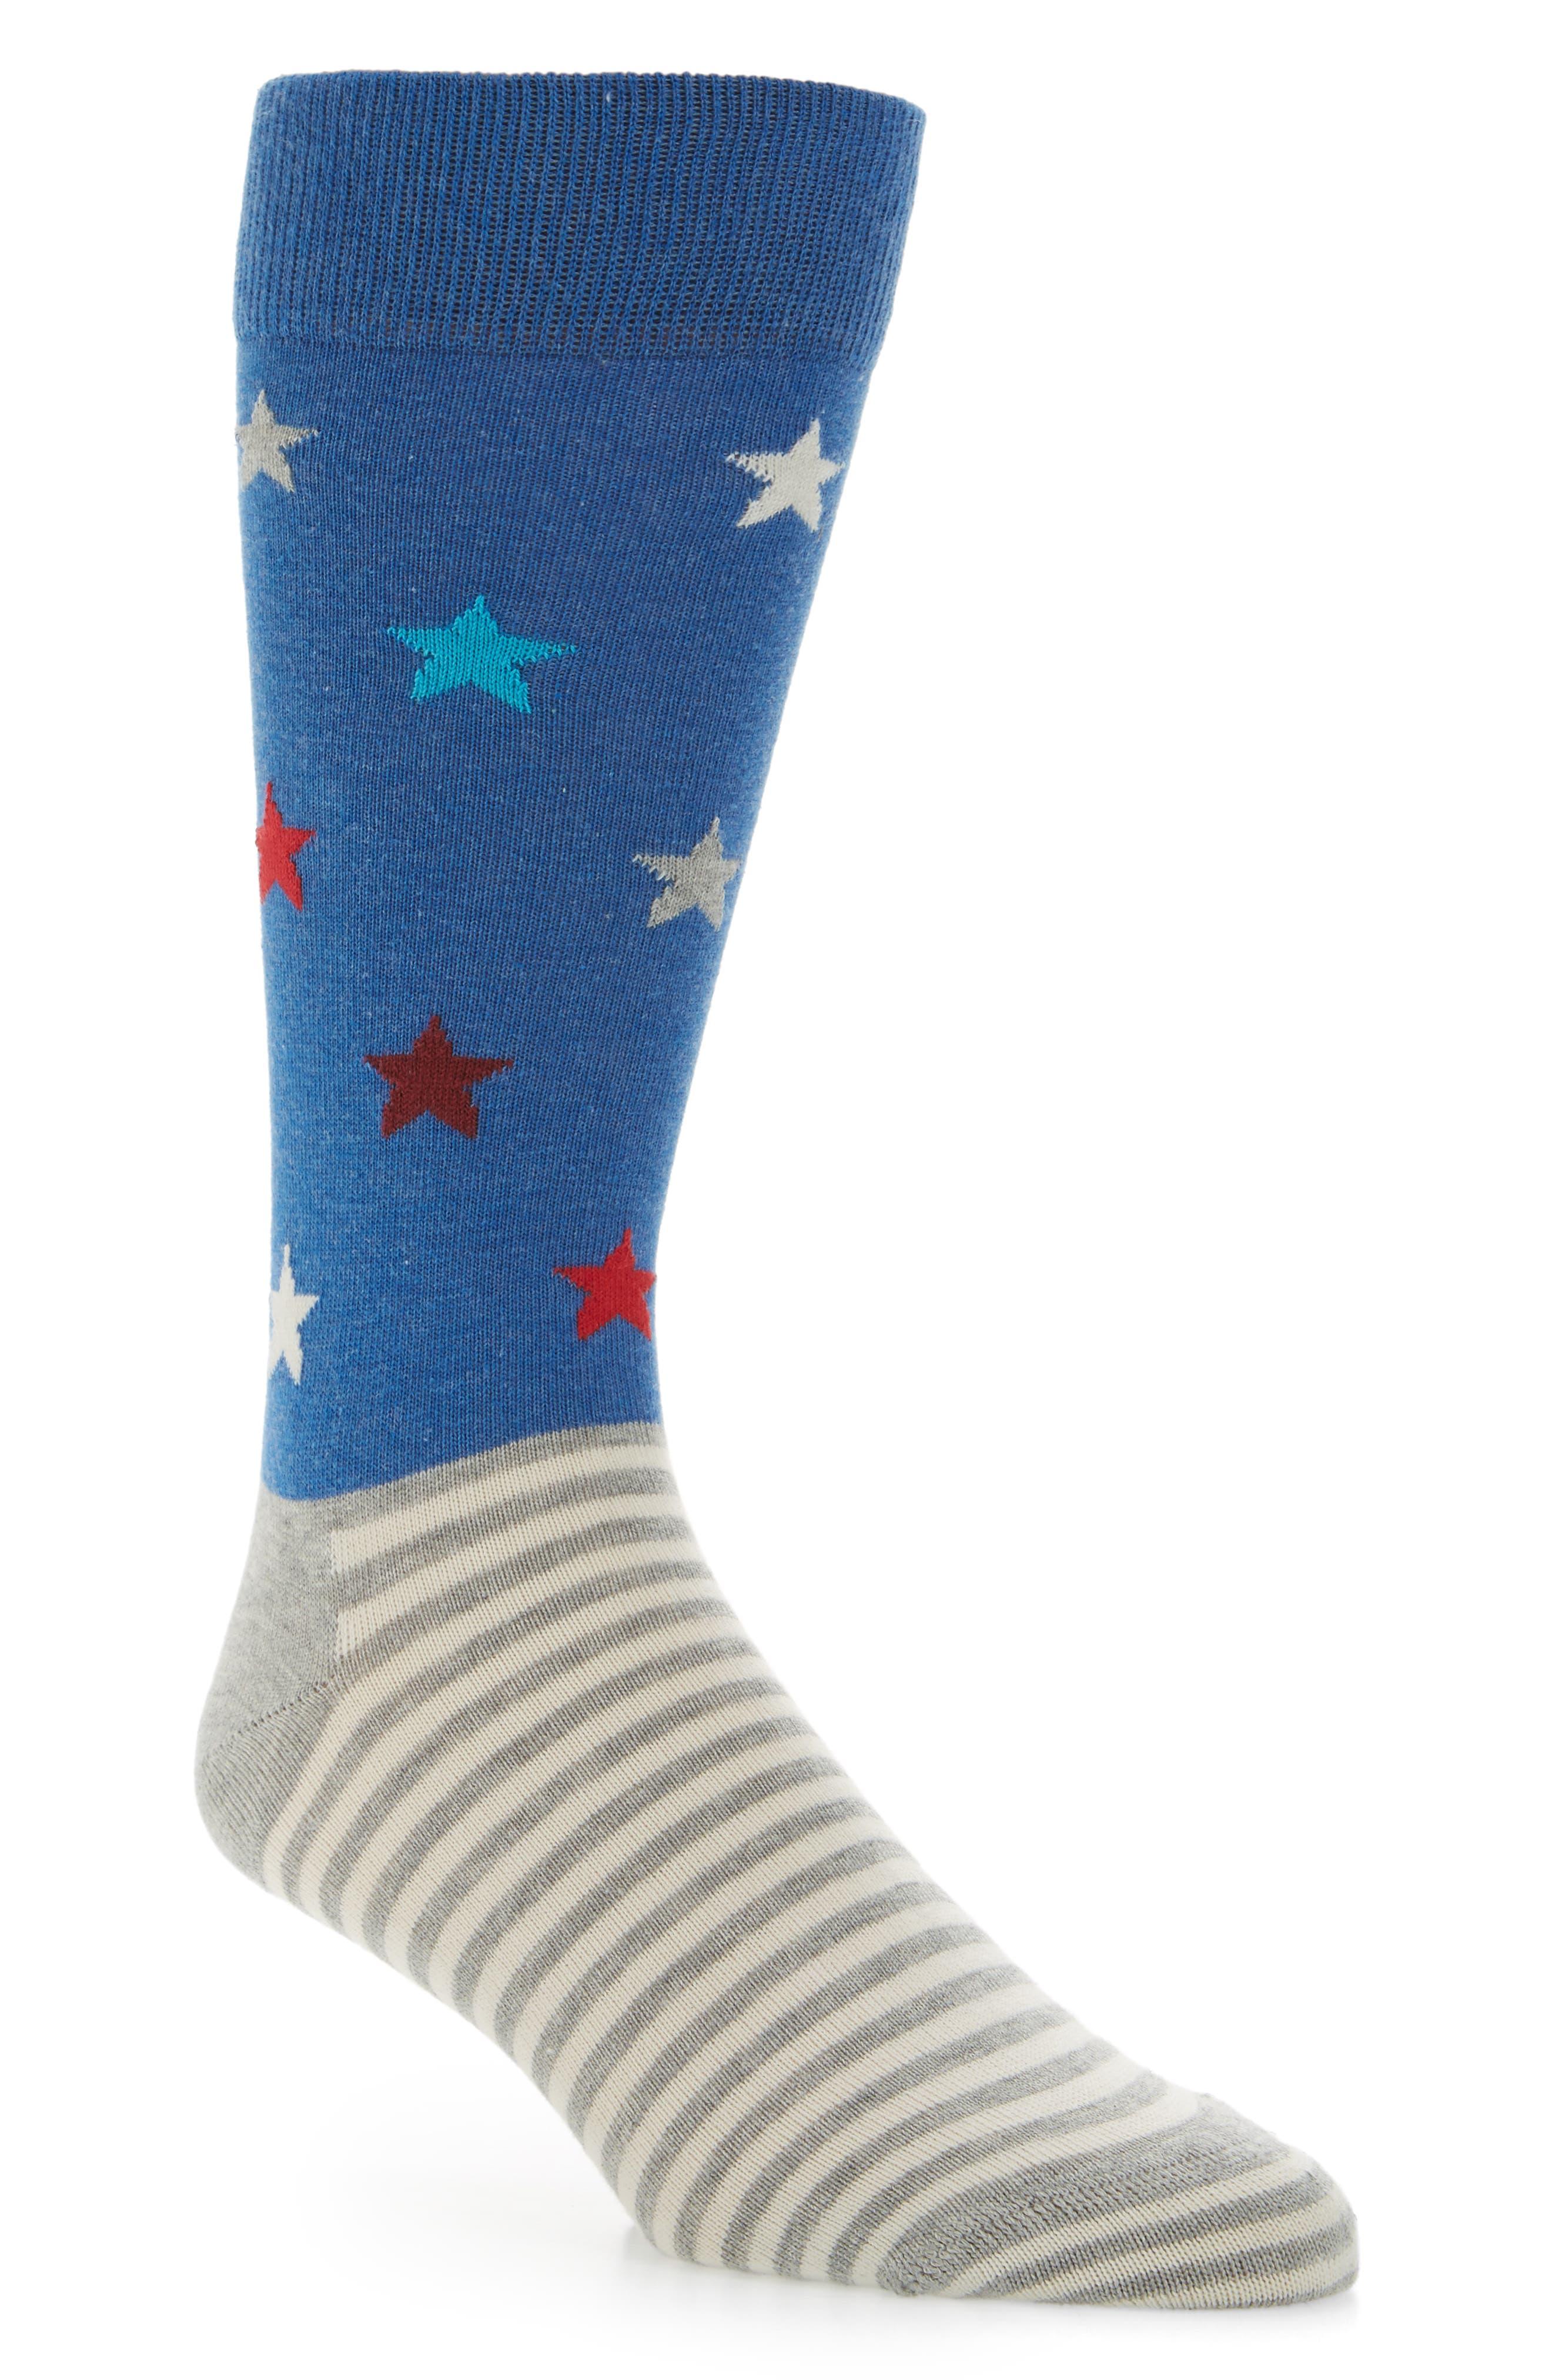 Stars & Stripes Socks,                             Main thumbnail 1, color,                             Blue Multi